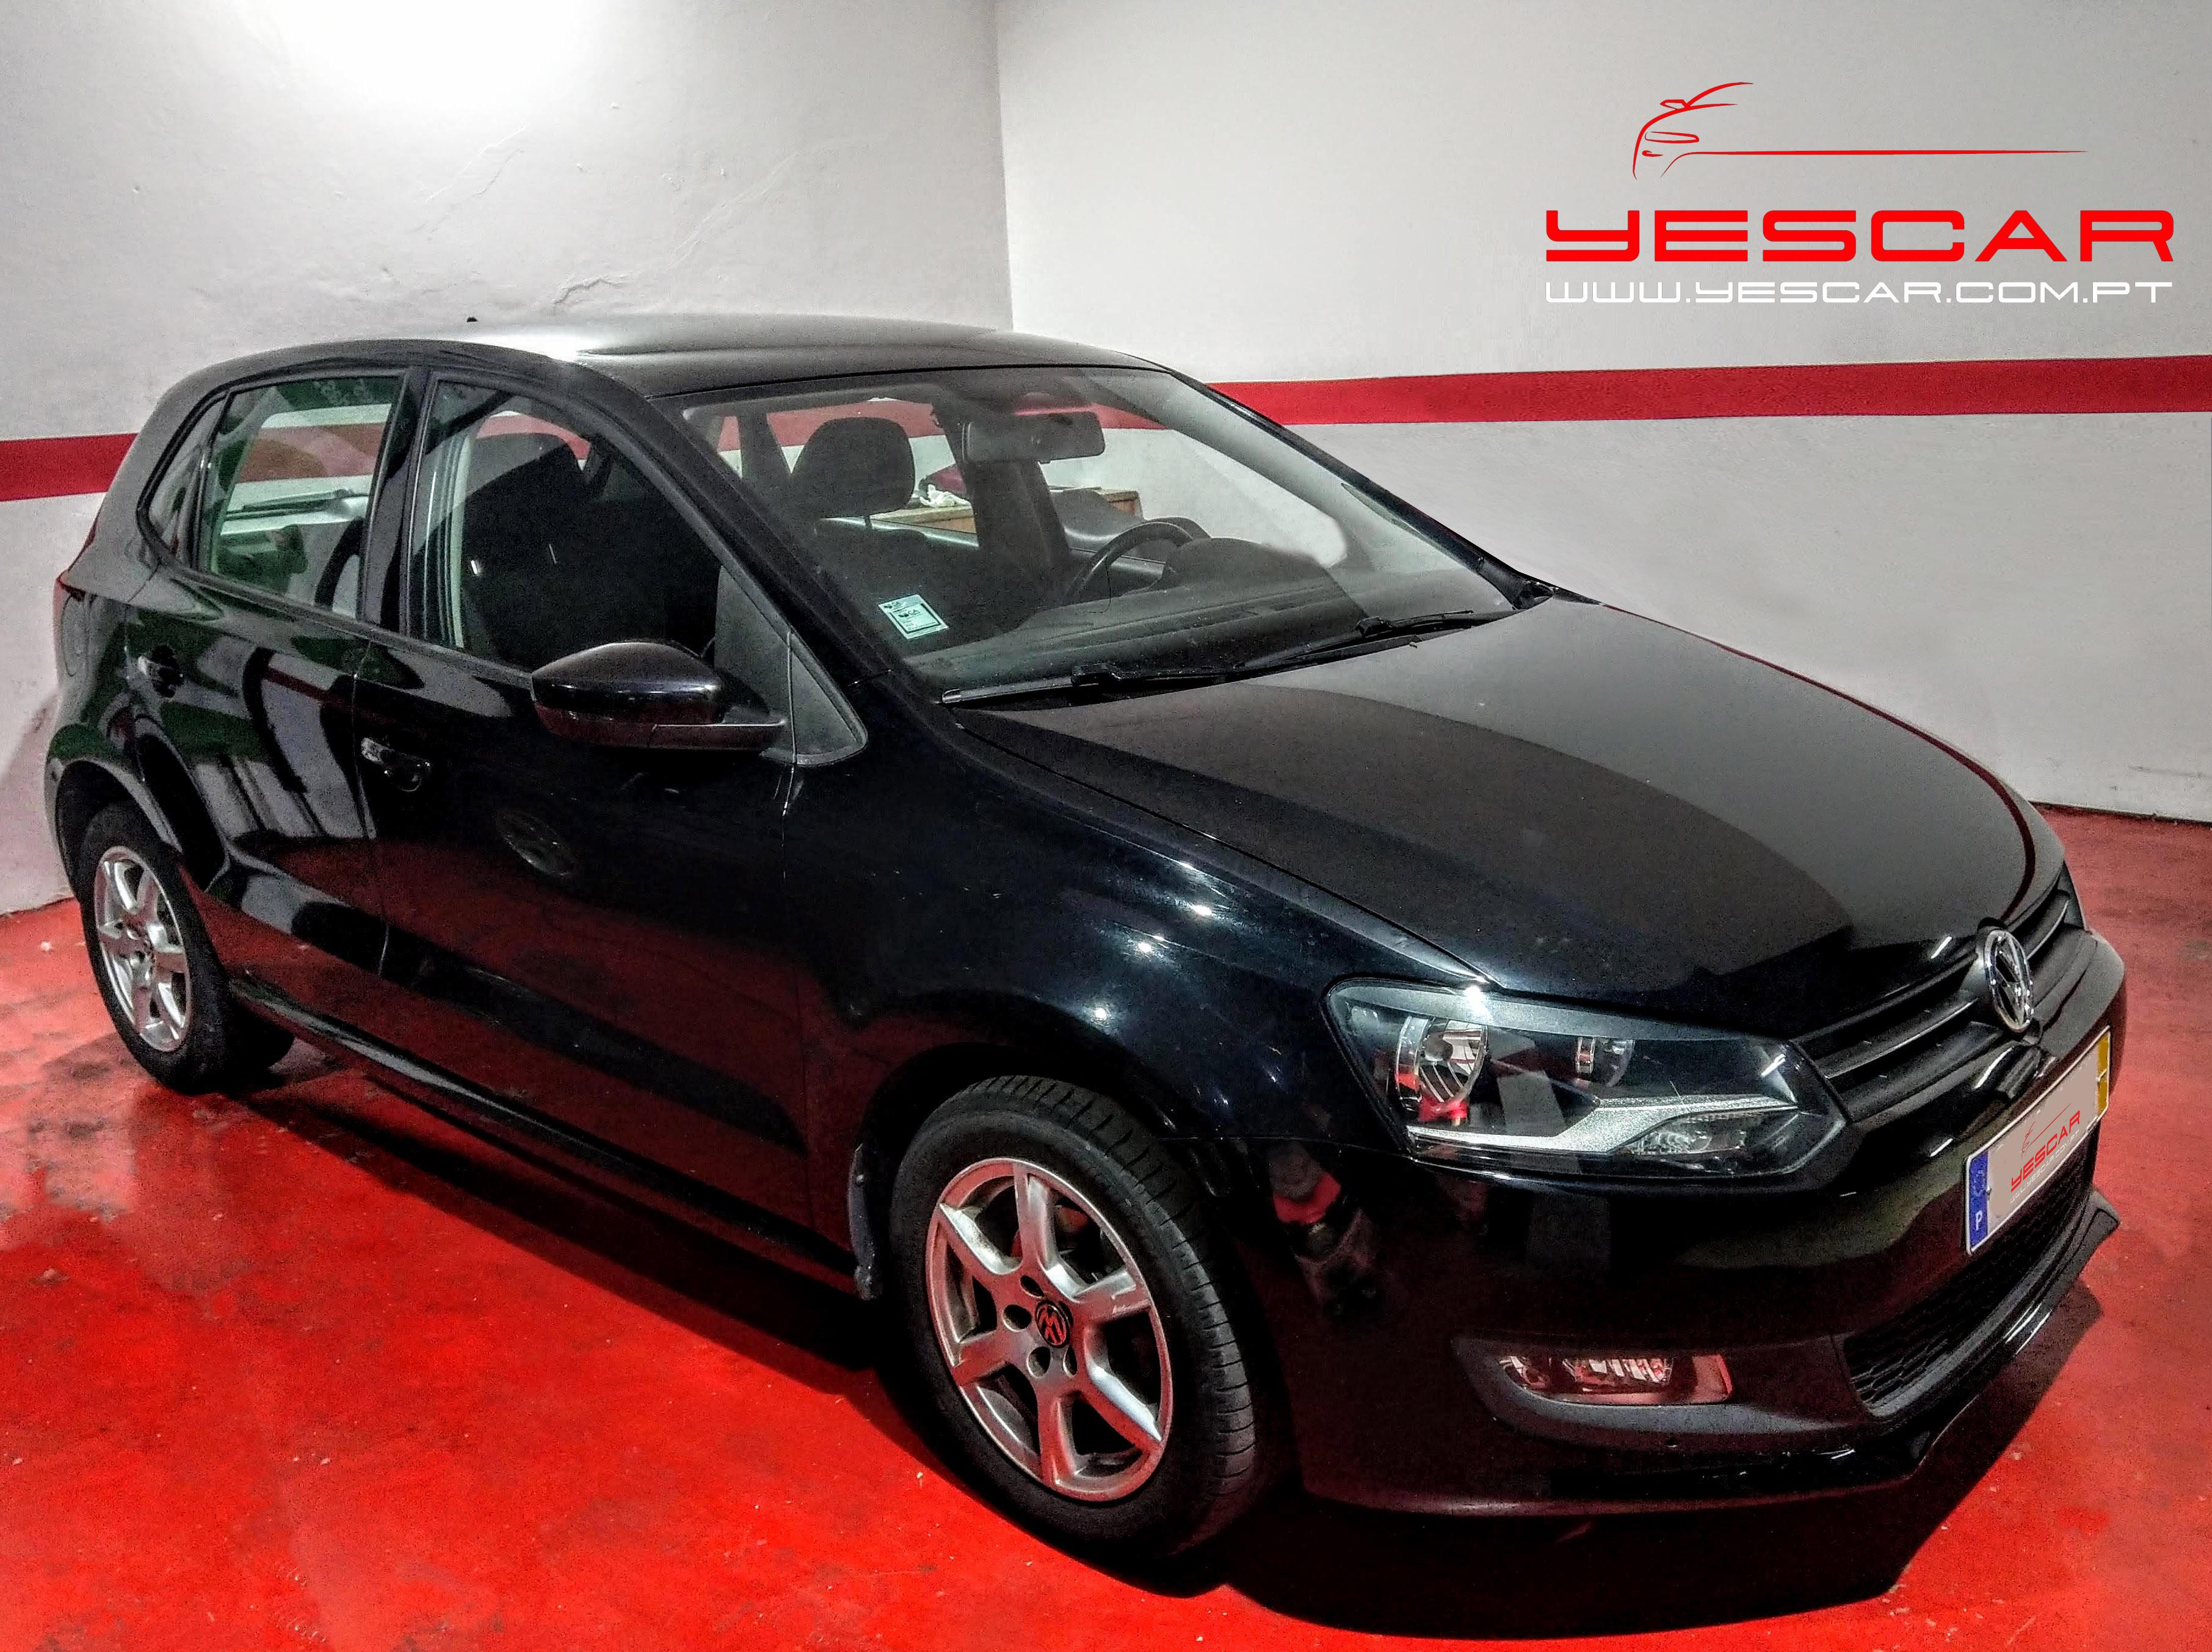 VW_polo12tdi(6)_YESCAR_automoveis